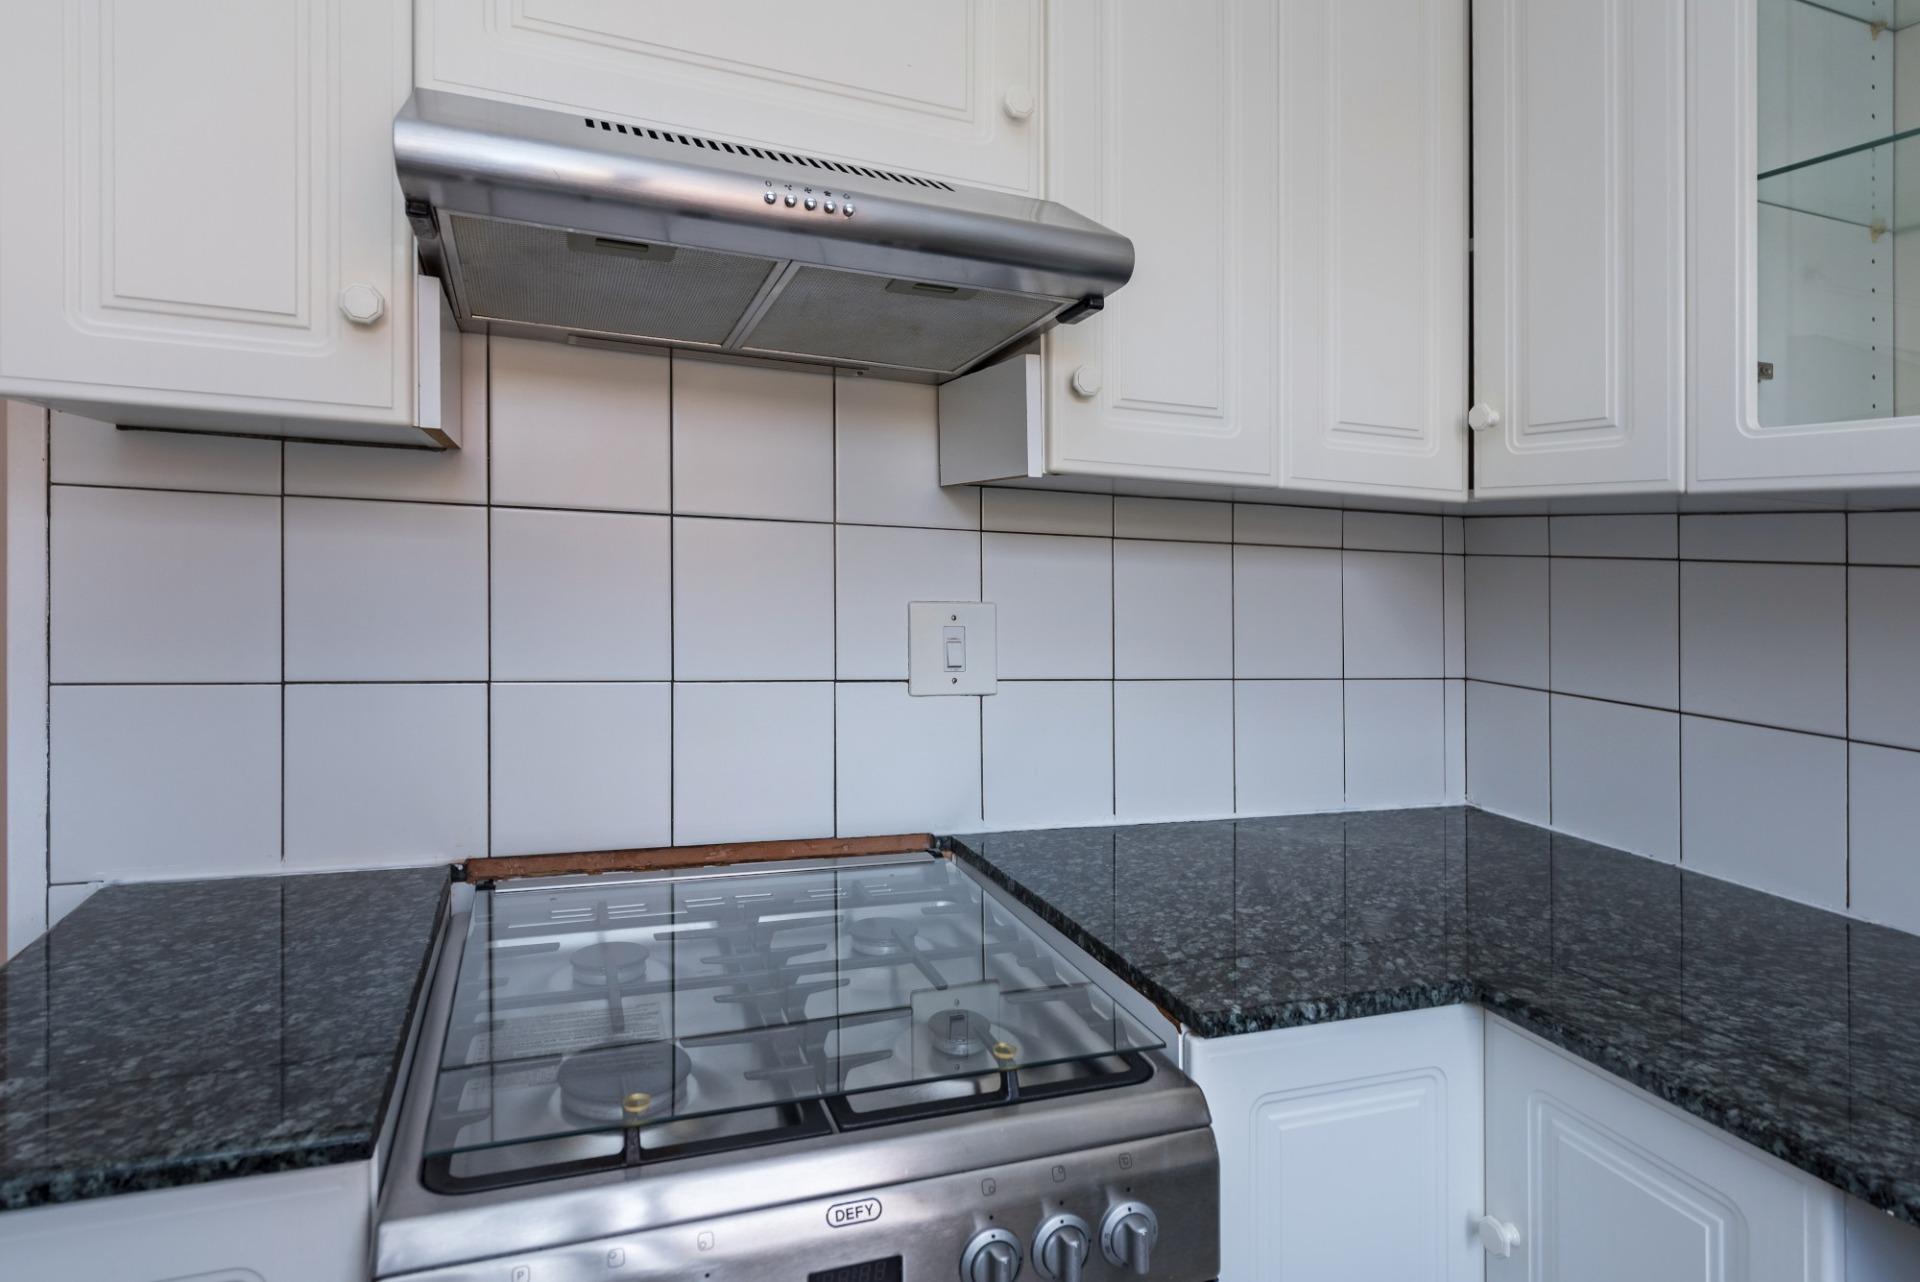 3c the riviera robert kitchen.jpeg